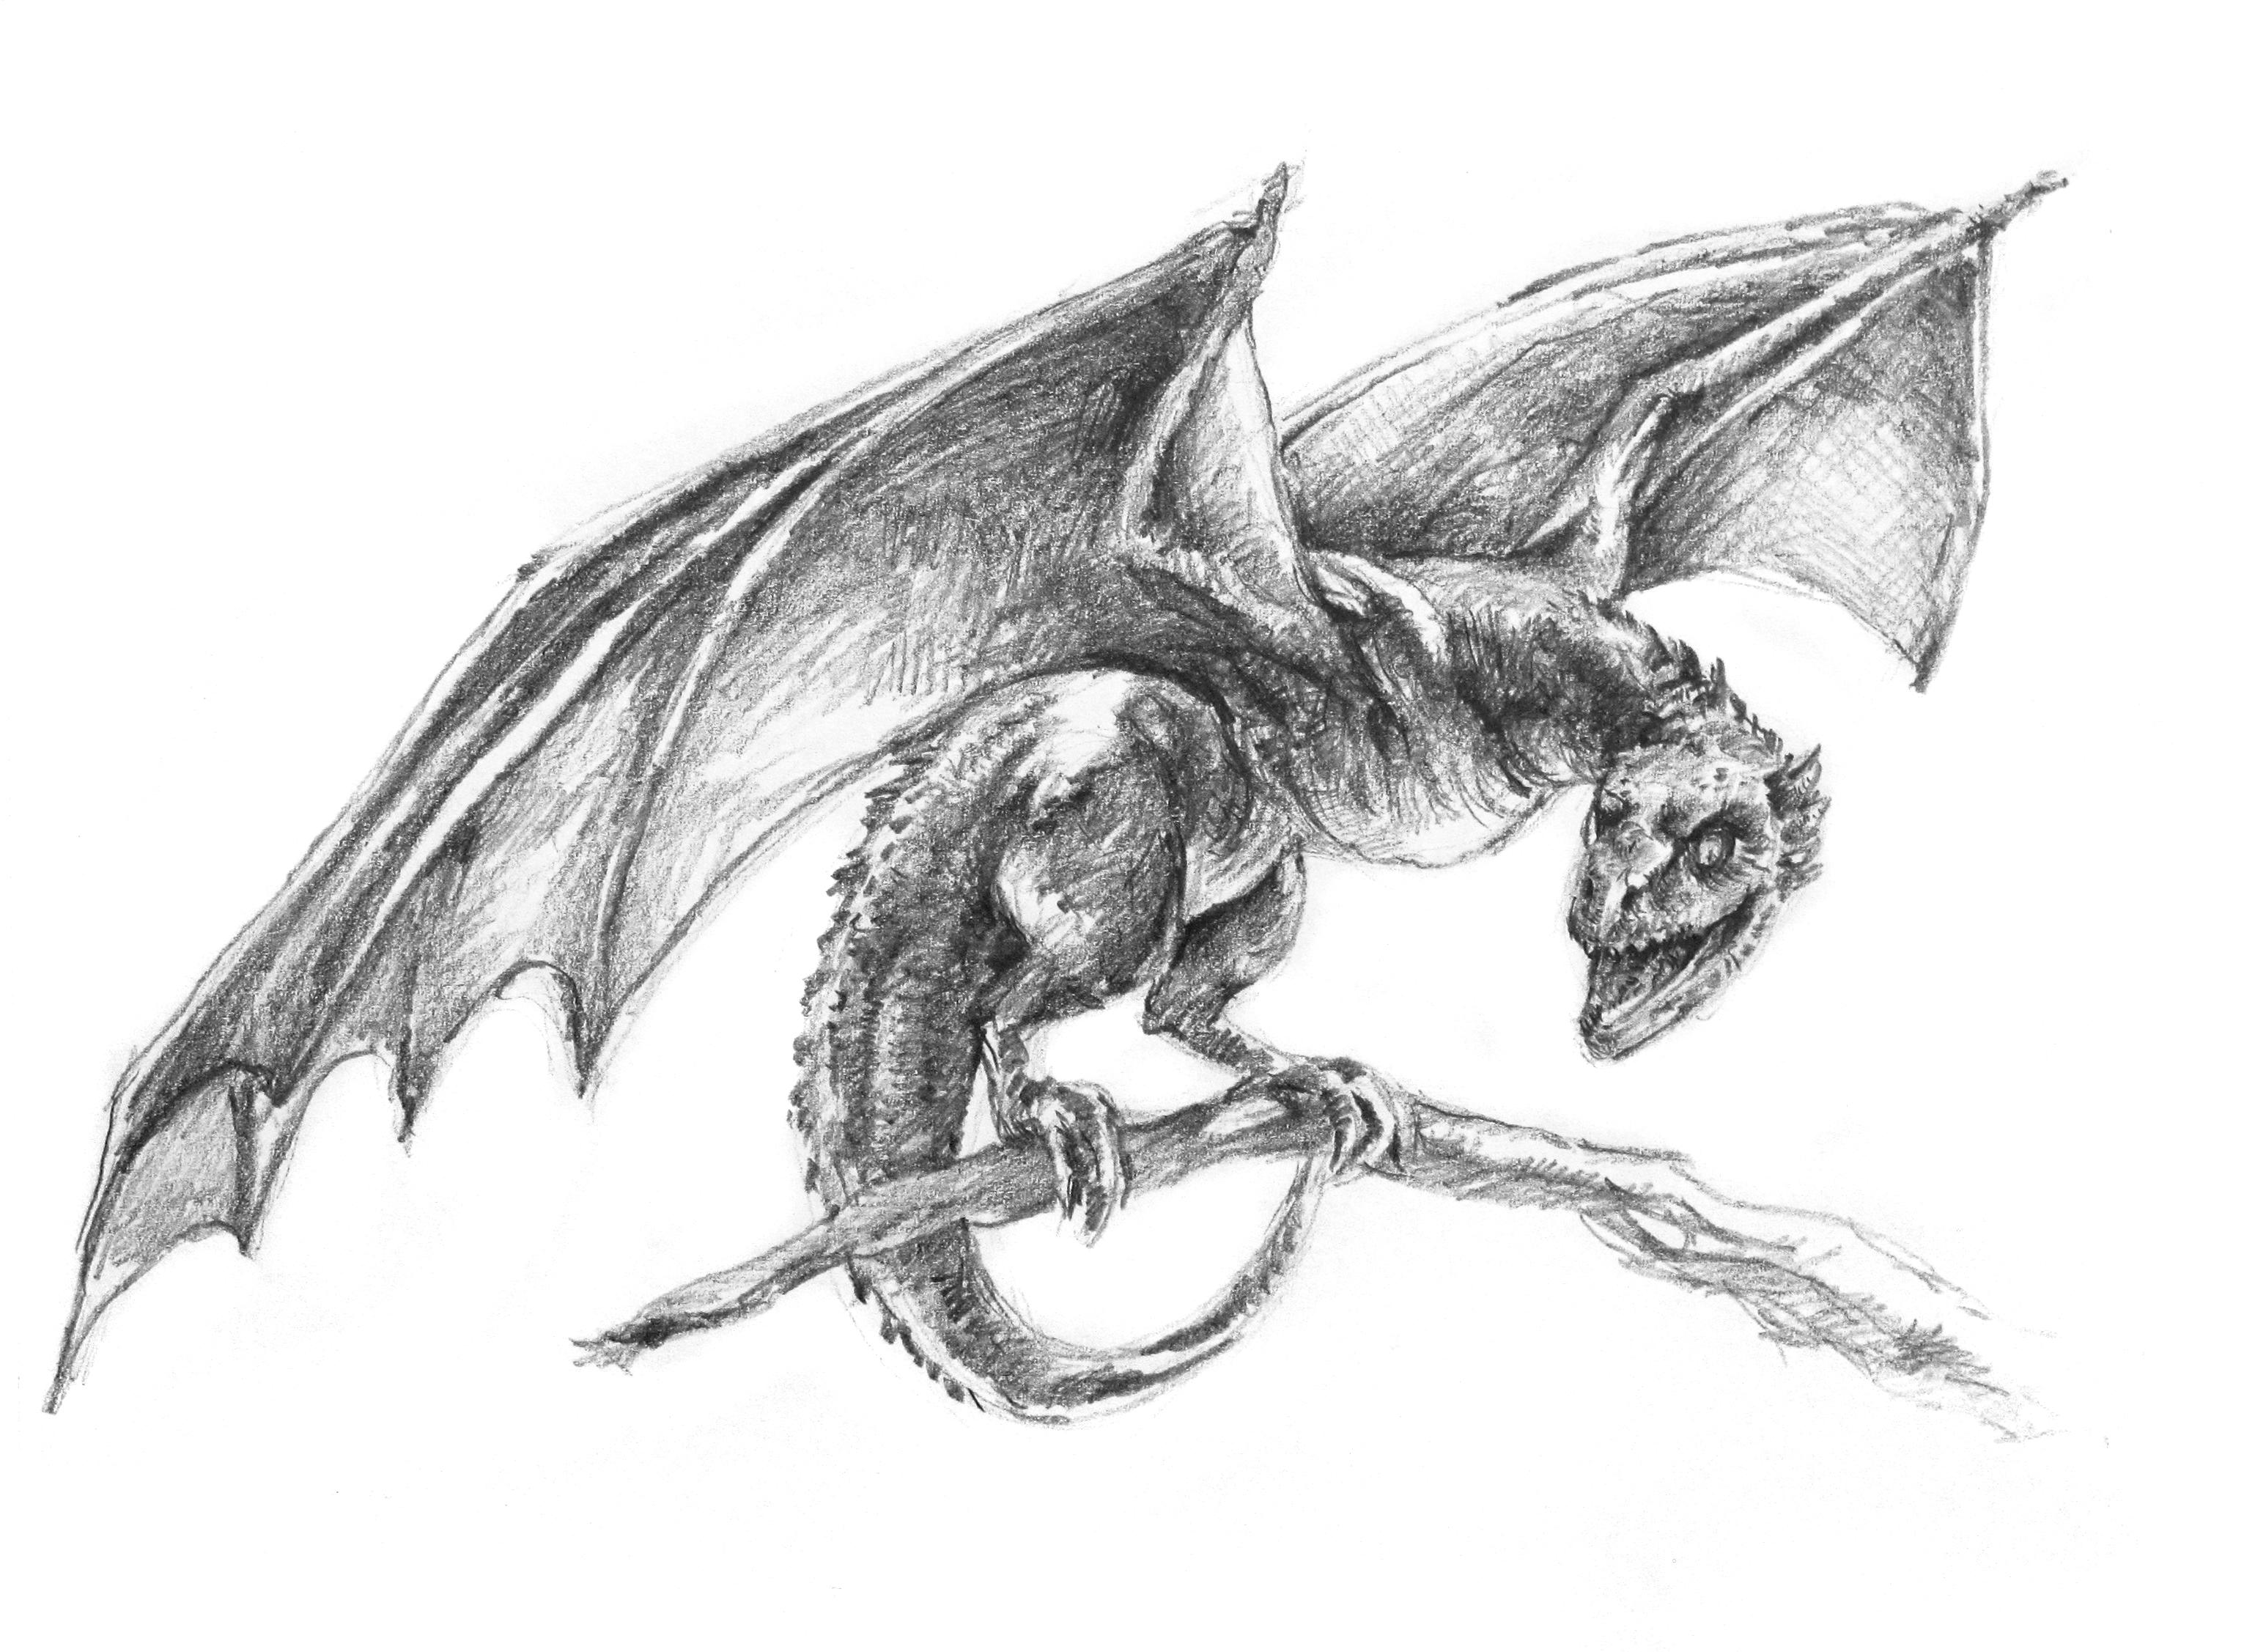 drawing games drawing games Drawings On YouTube Art Of Wei